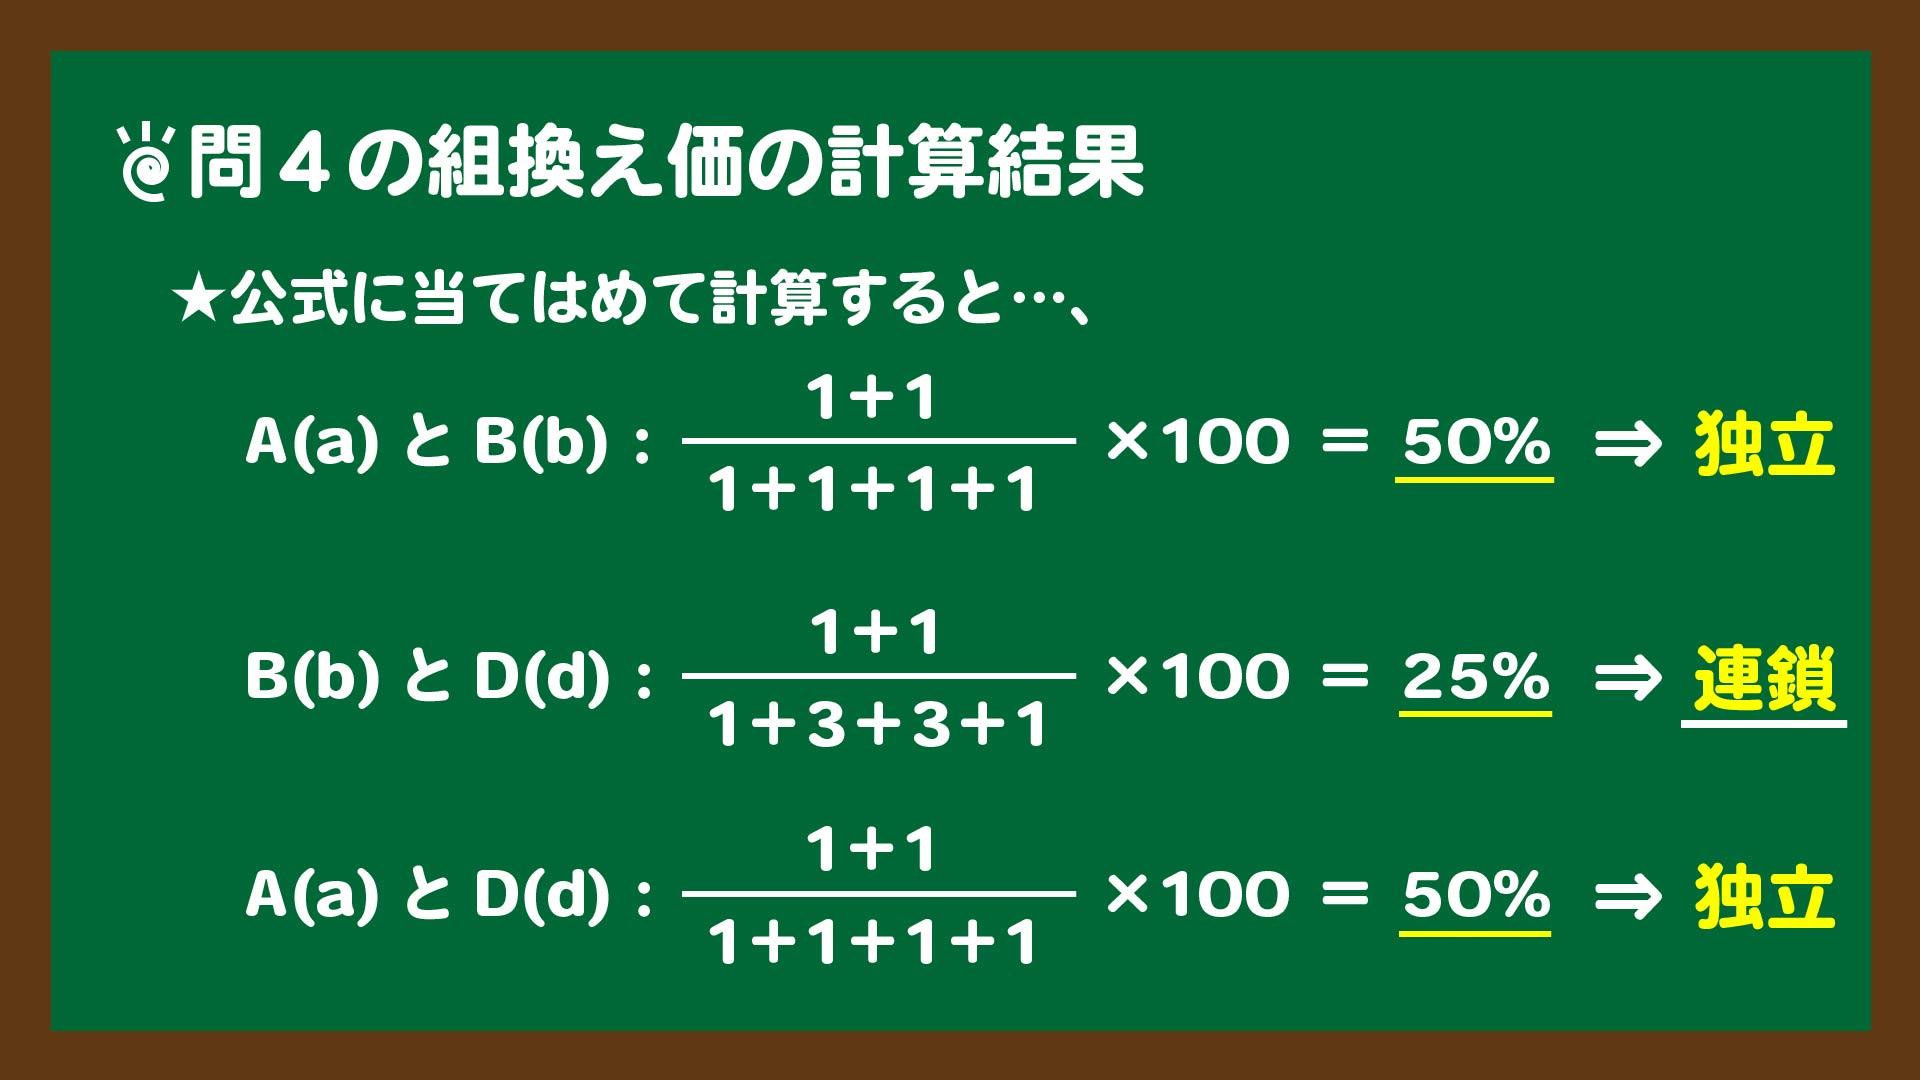 スライド8:問4の組換え価の計算結果